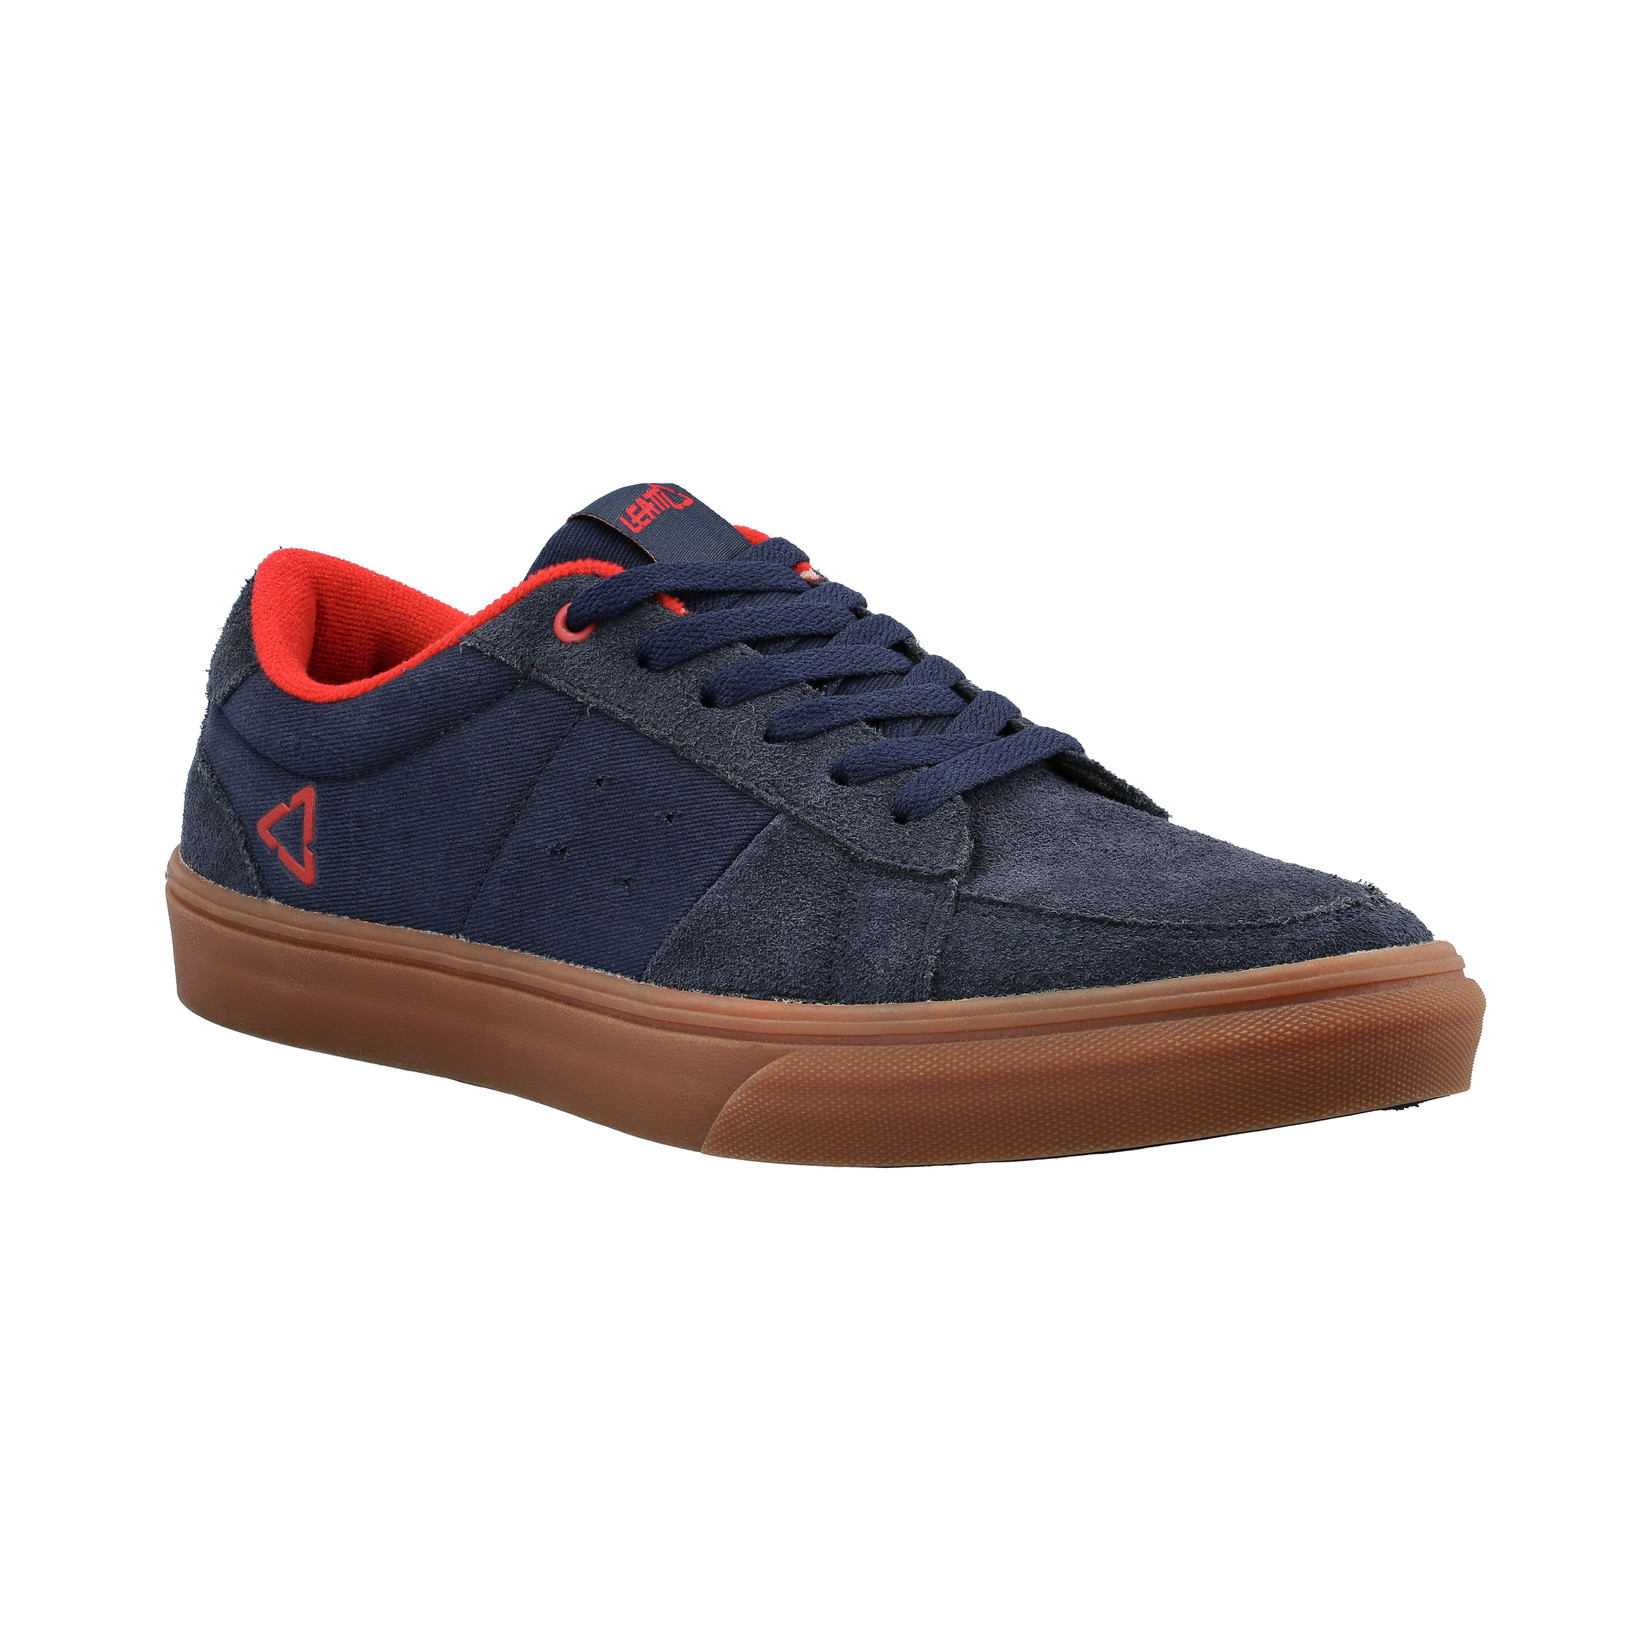 Leatt MTB Shoes 1.0 FLAT ONYX  41.5 cm